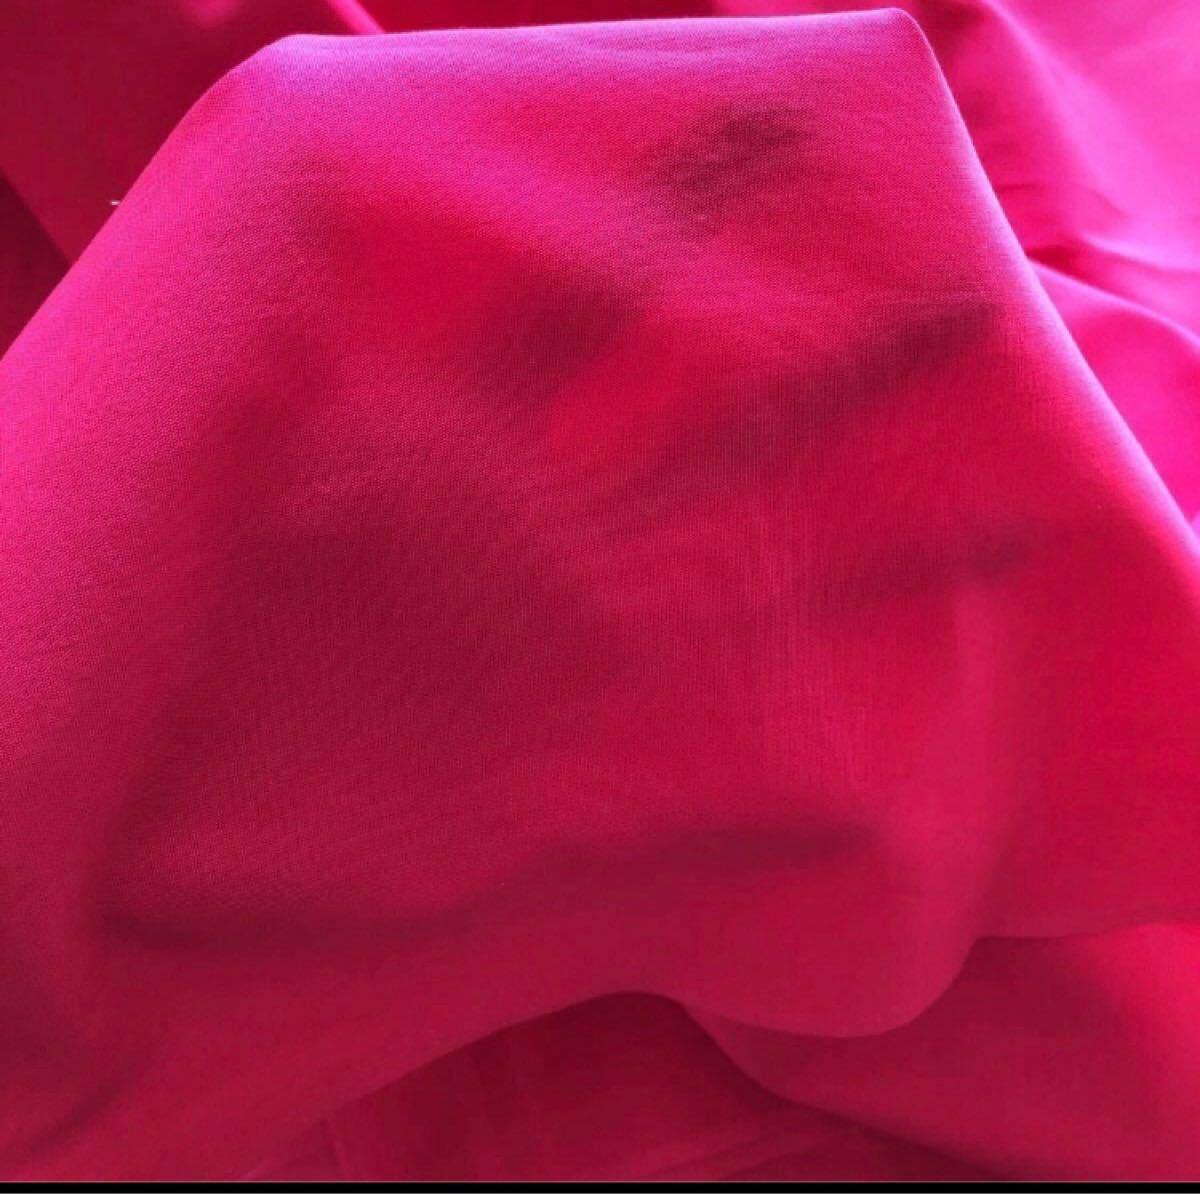 ハンドメイド 生地 はぎれ ハギレ 綿 ピンク